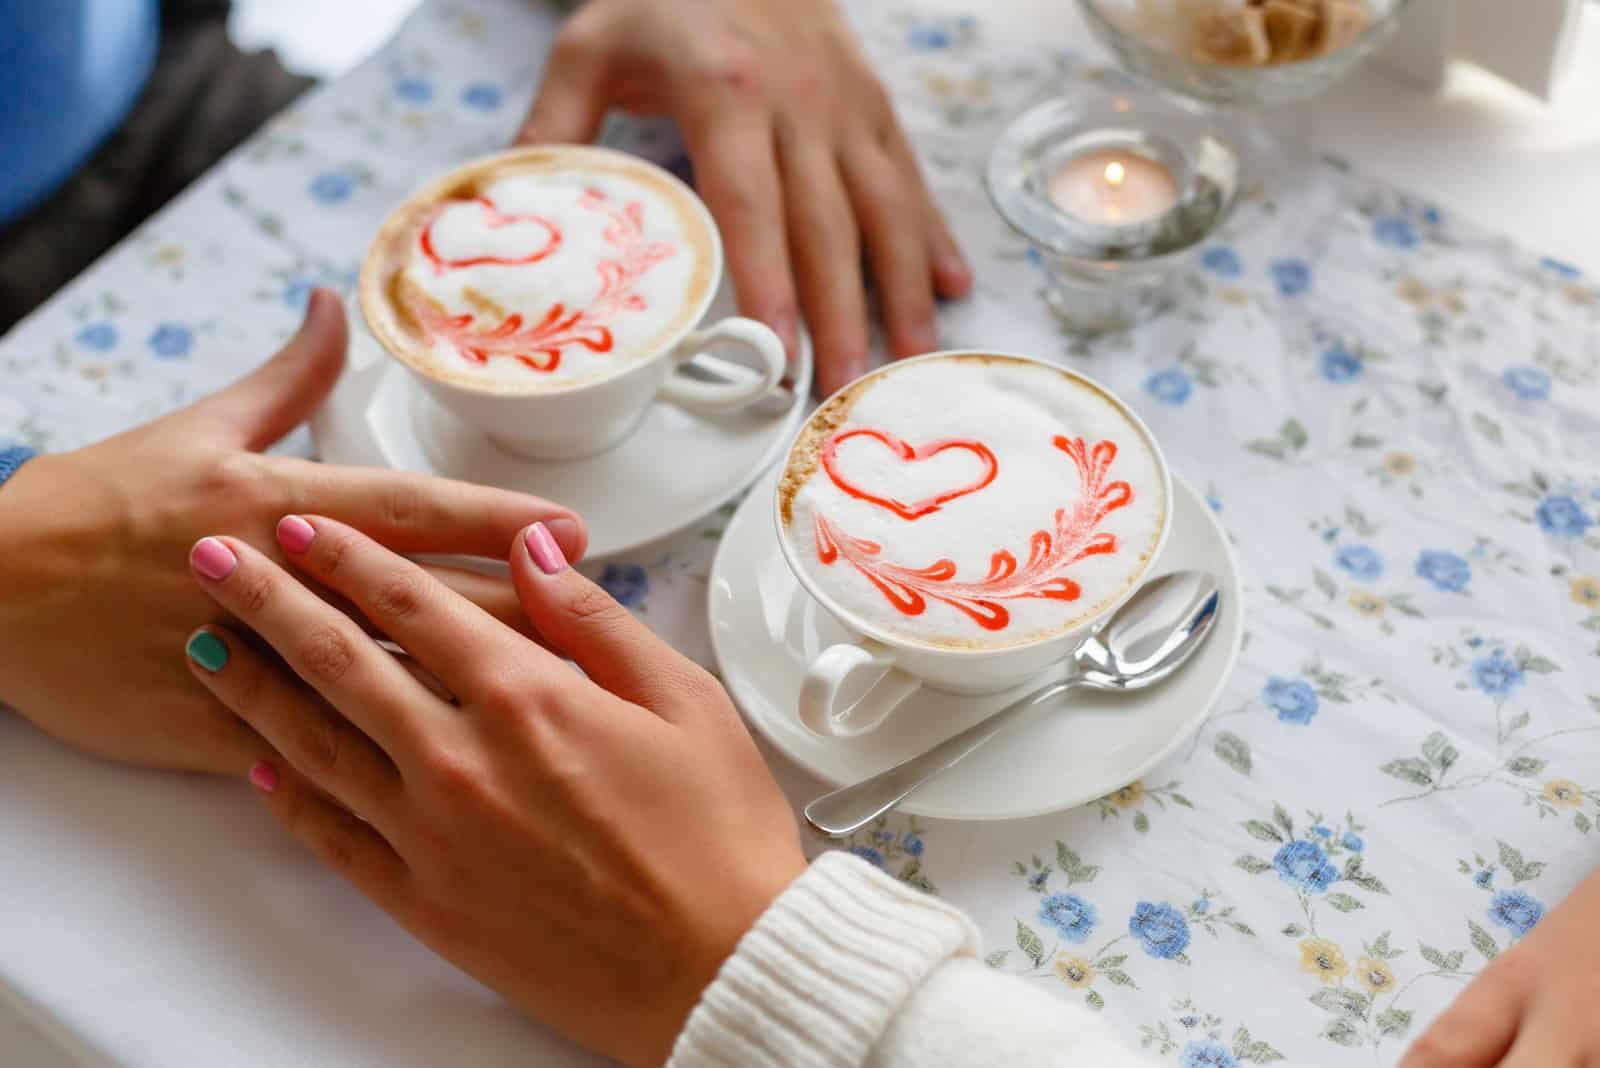 Paar trinken Kaffee in Liebe und verschränken die Hände über den Tisch im Café